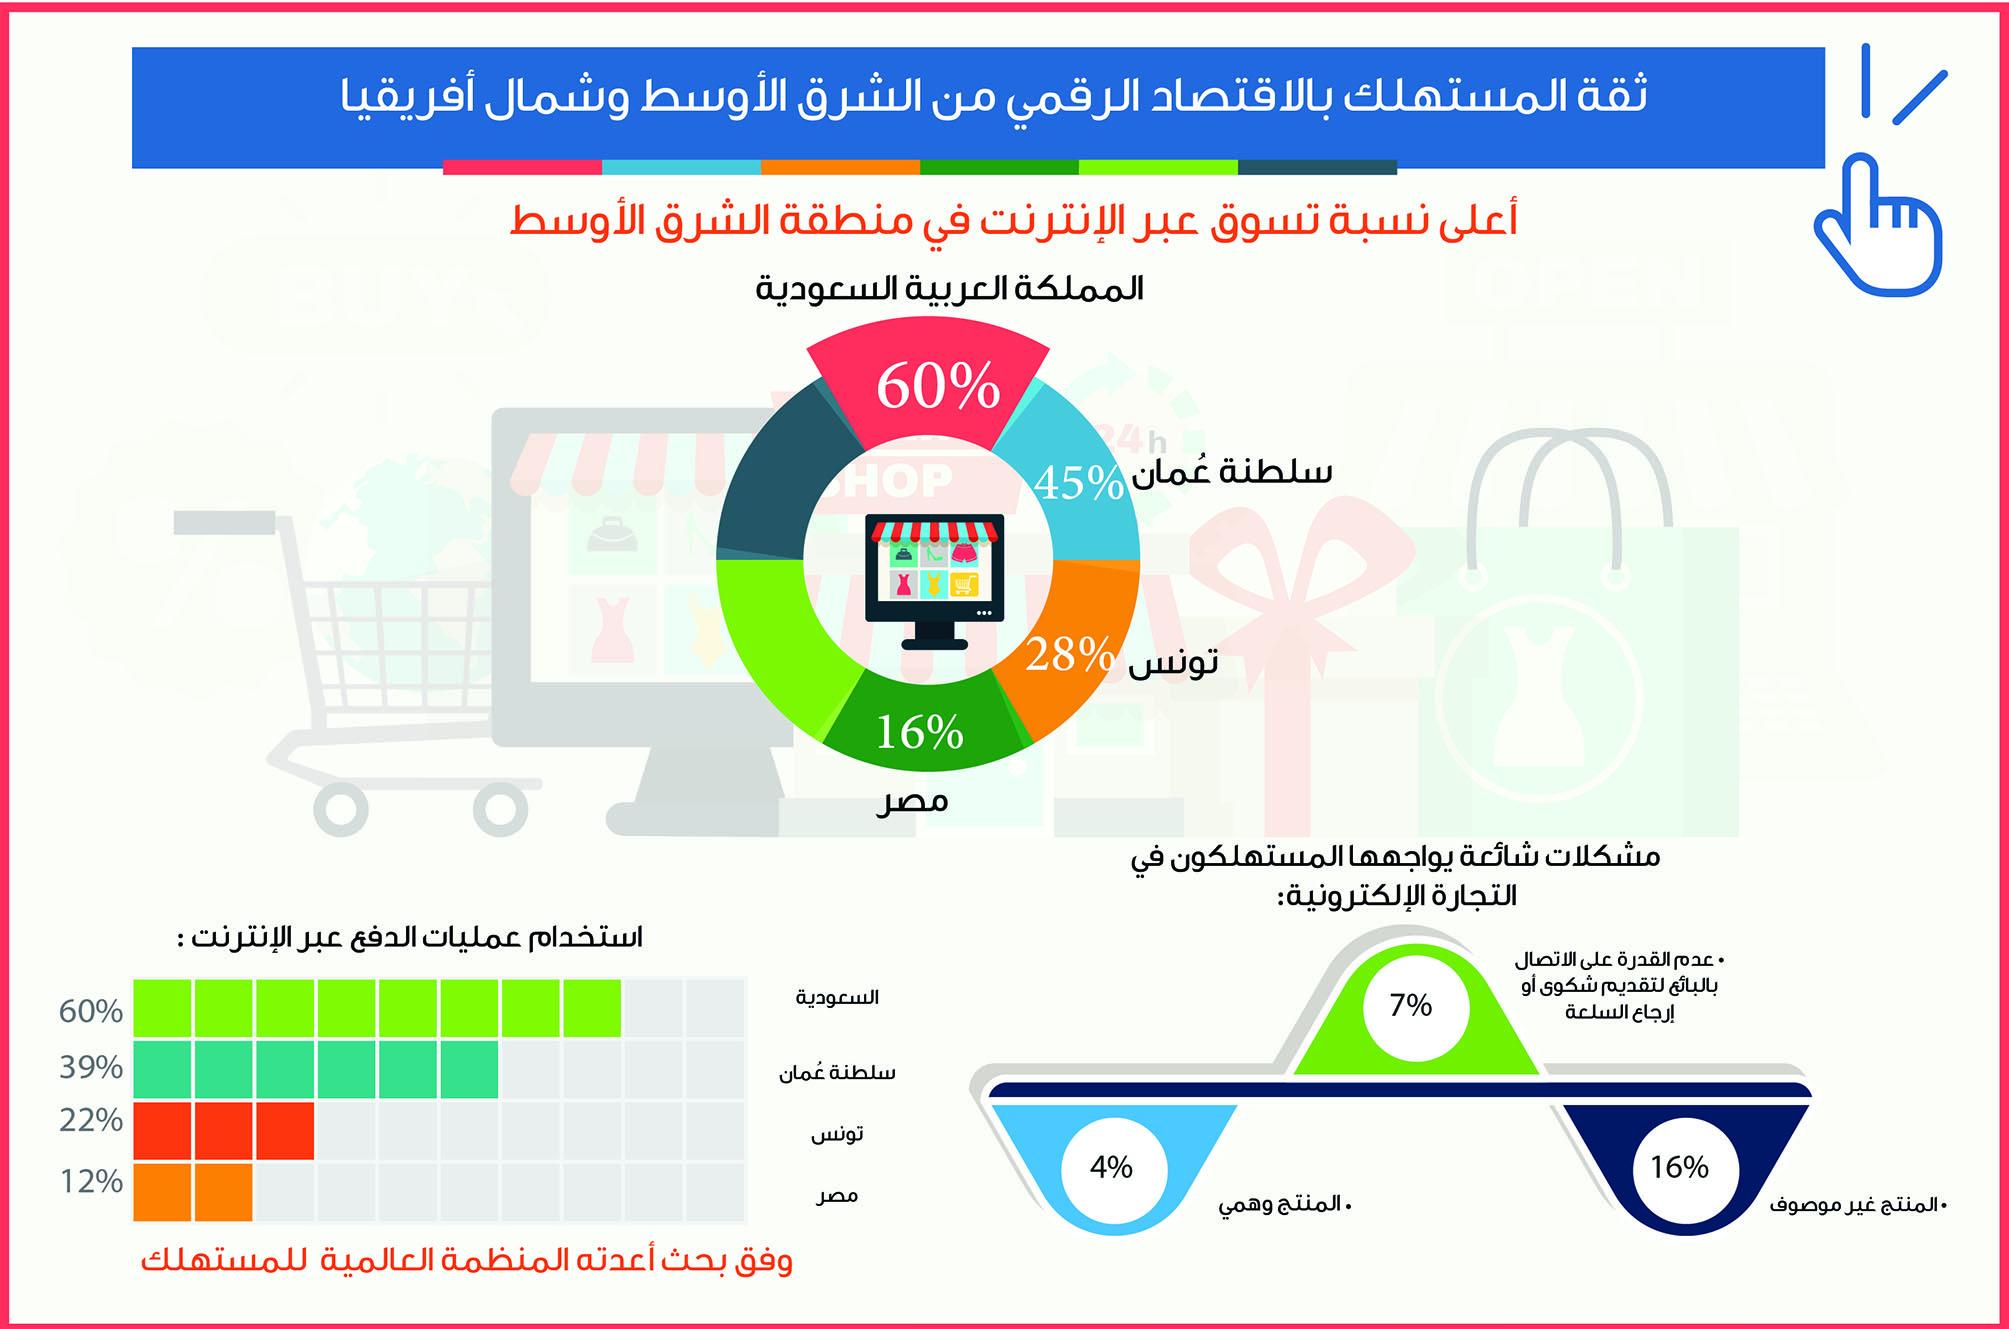 54% من المستهلكين بالسلطنة يتسوقون عبر الإنترنت